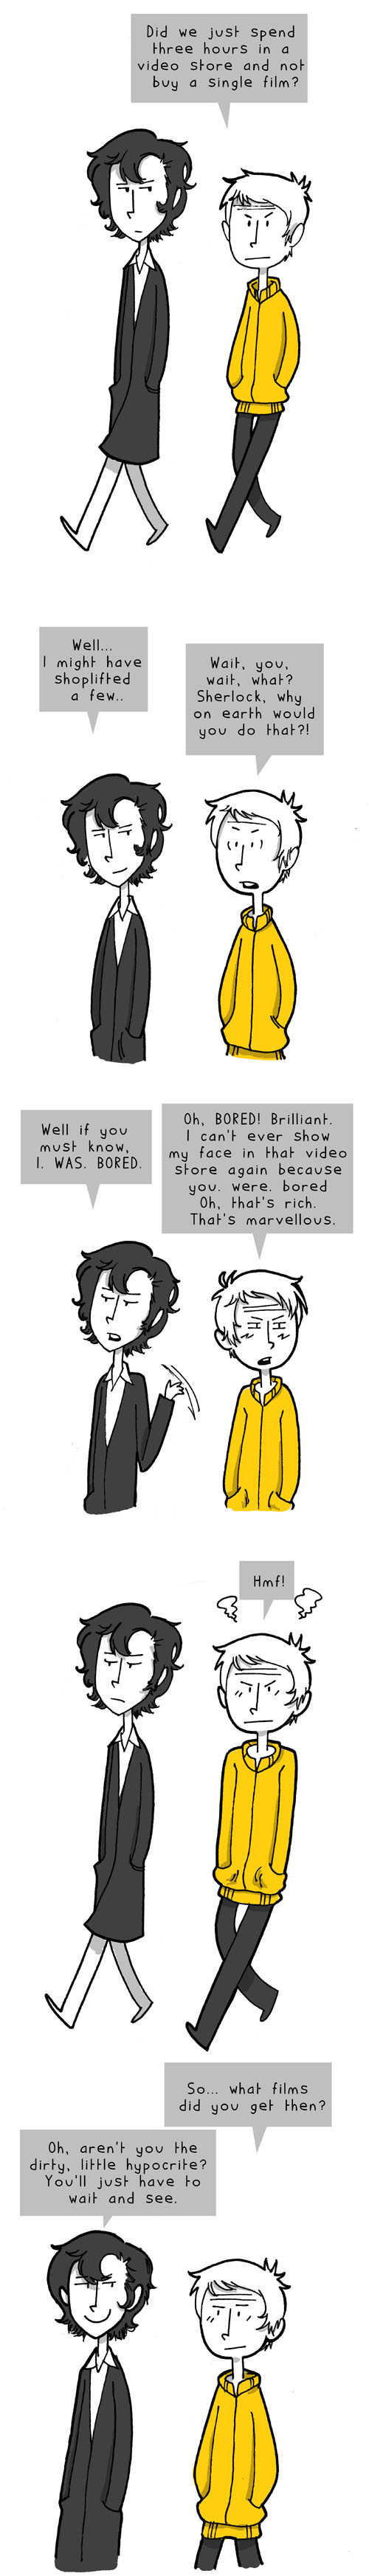 Sherlock the Shoplifter by weallscream4icecream